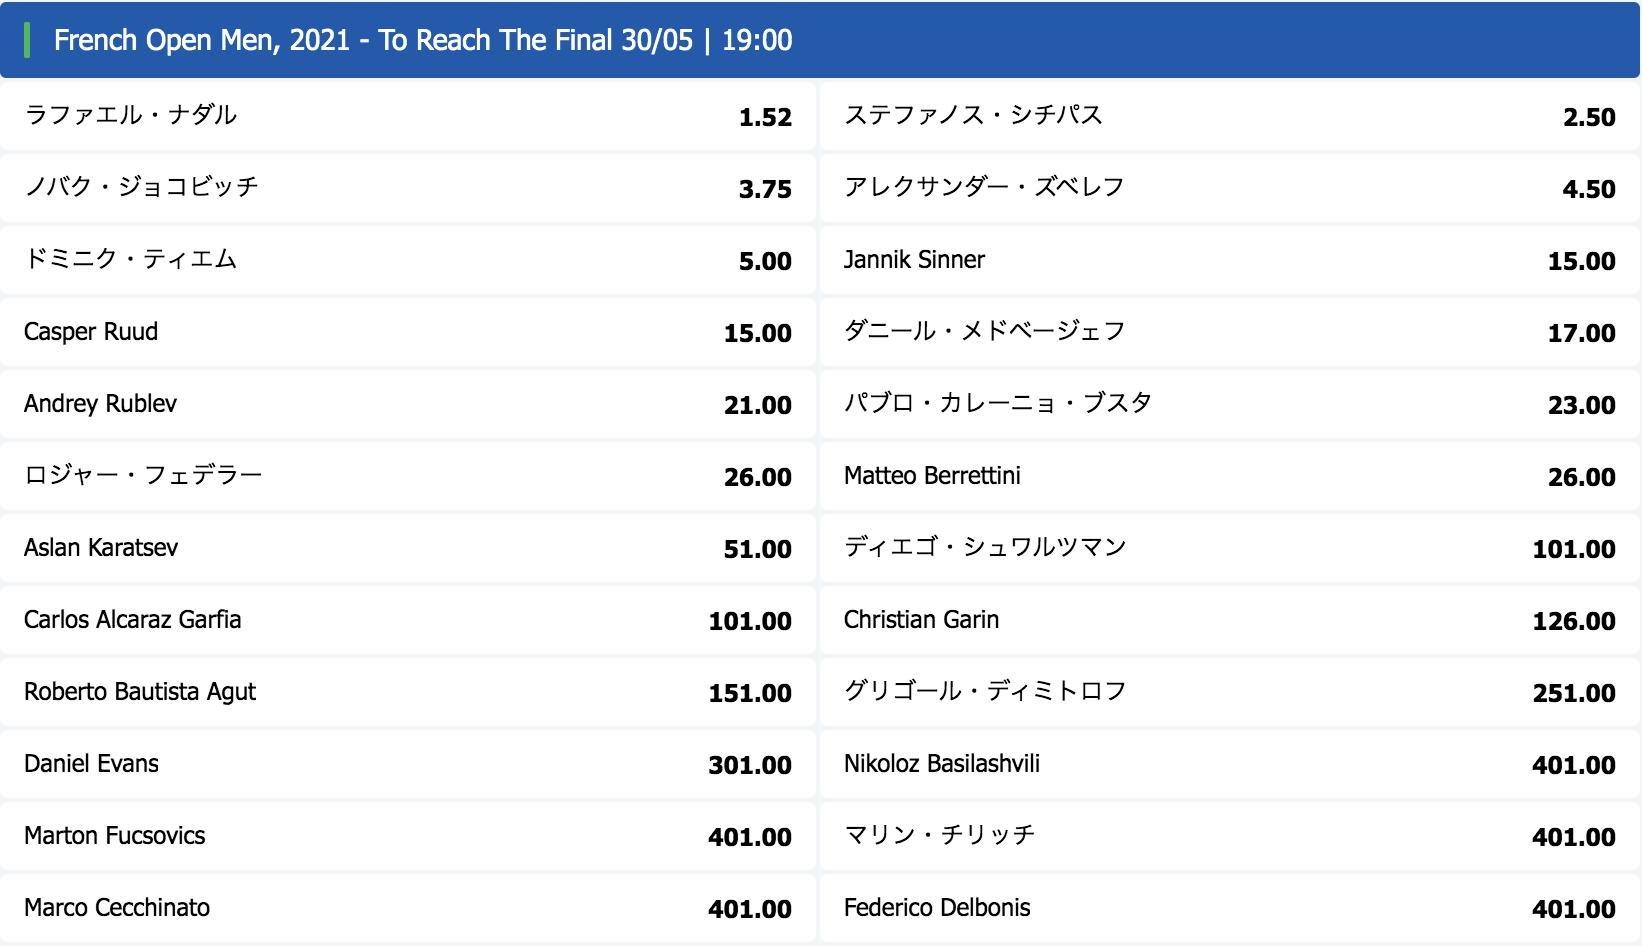 全仏オープン2021男子で決勝まで進む選手は?